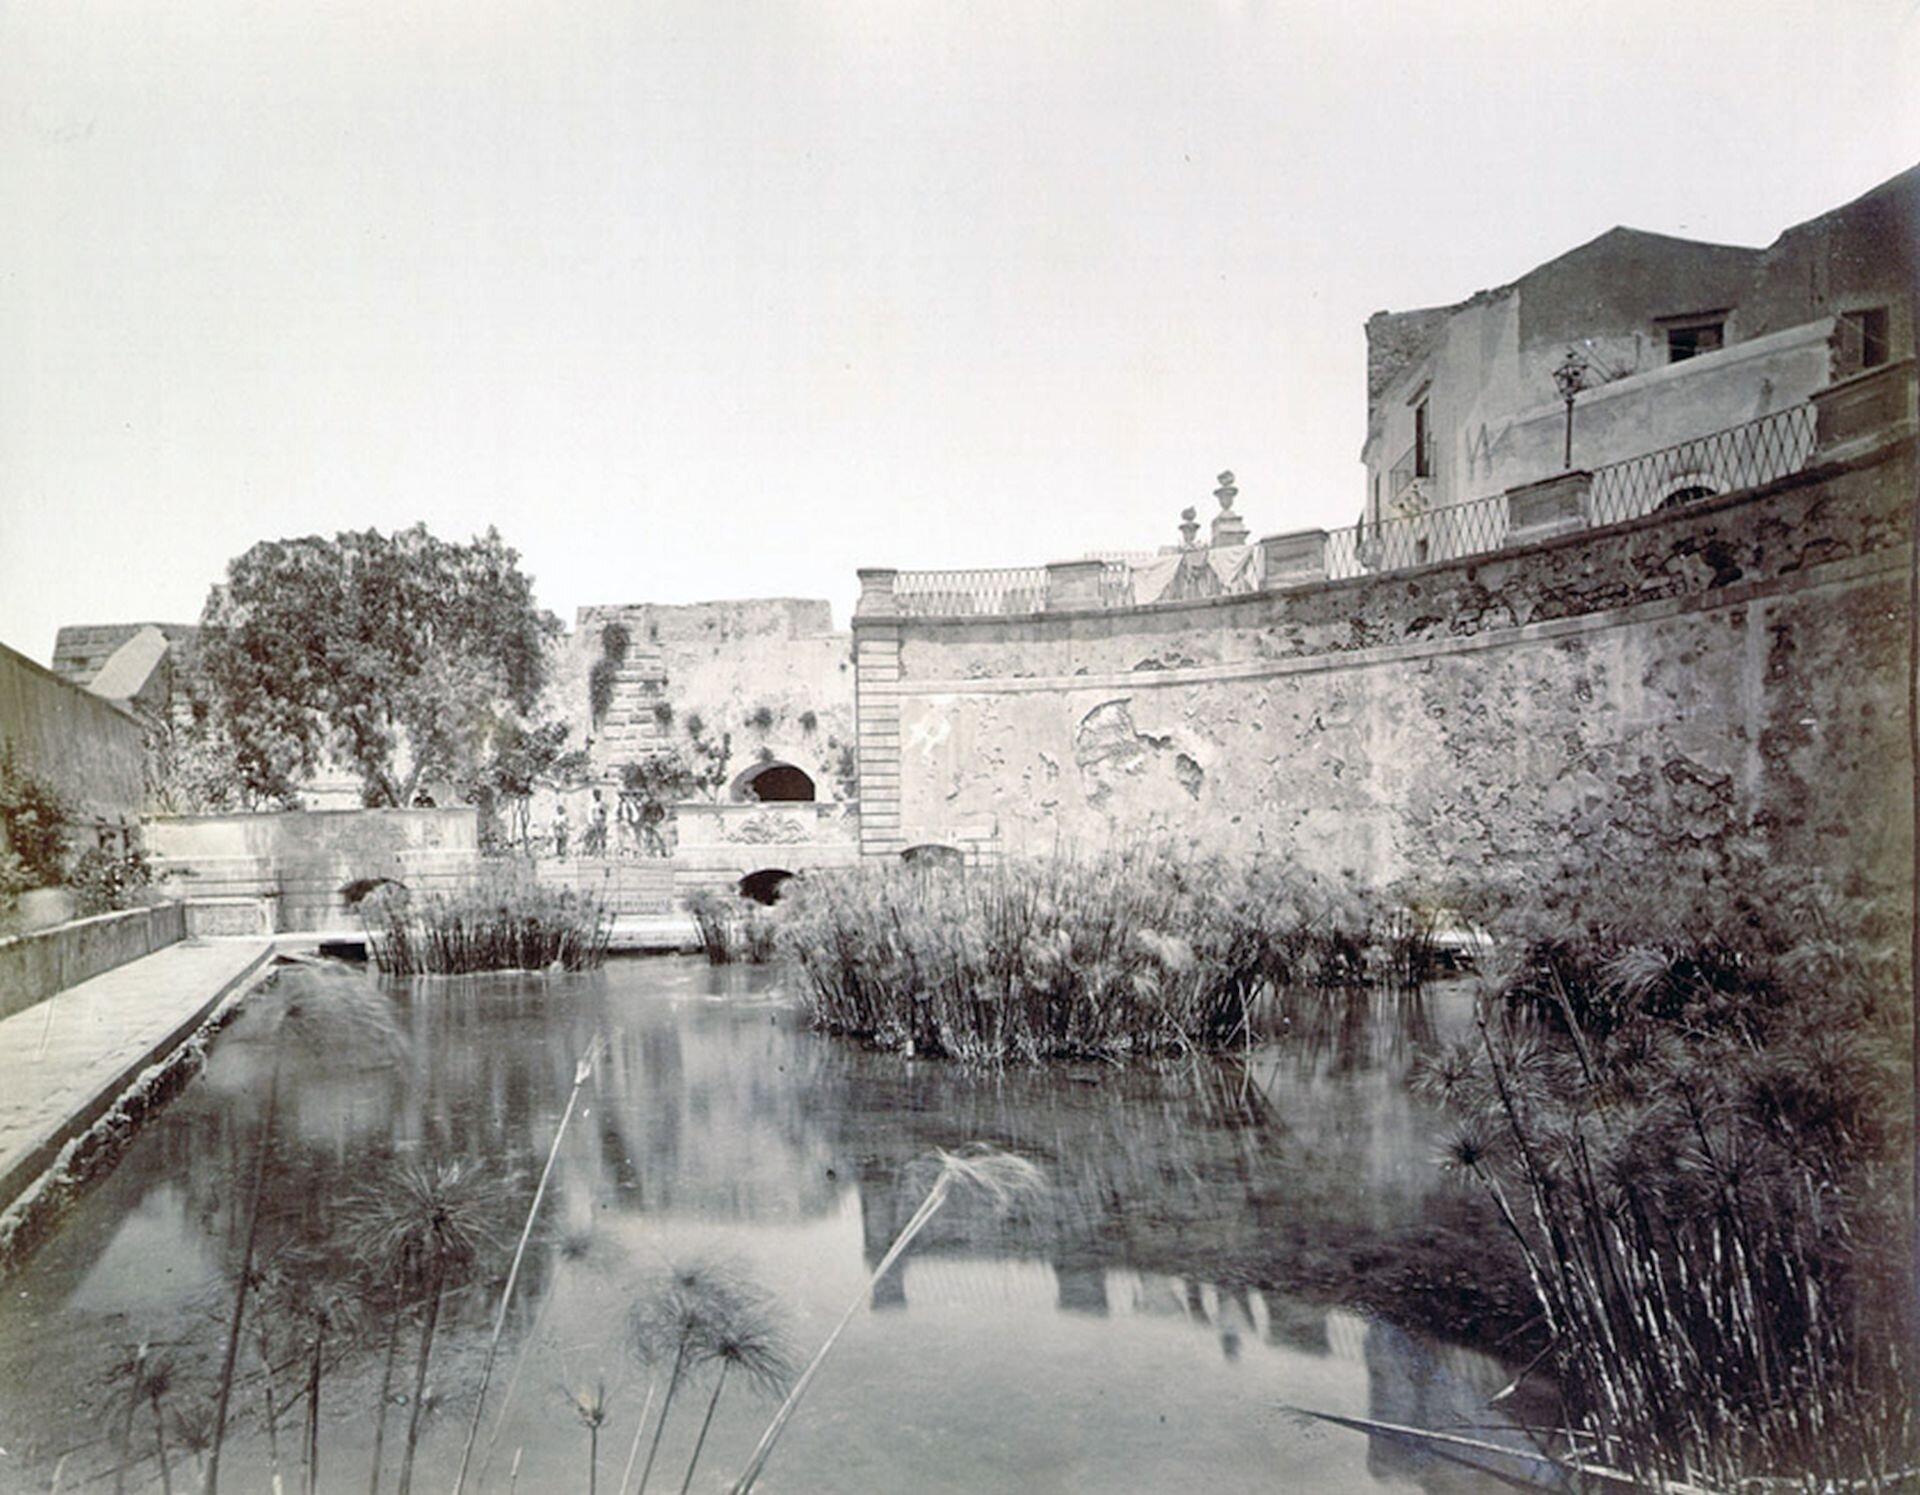 Ilustracja przedstawia źródło Arteuzy, na której znajdują się rośliny wodne. Woddali znajdują się betonowe mury.